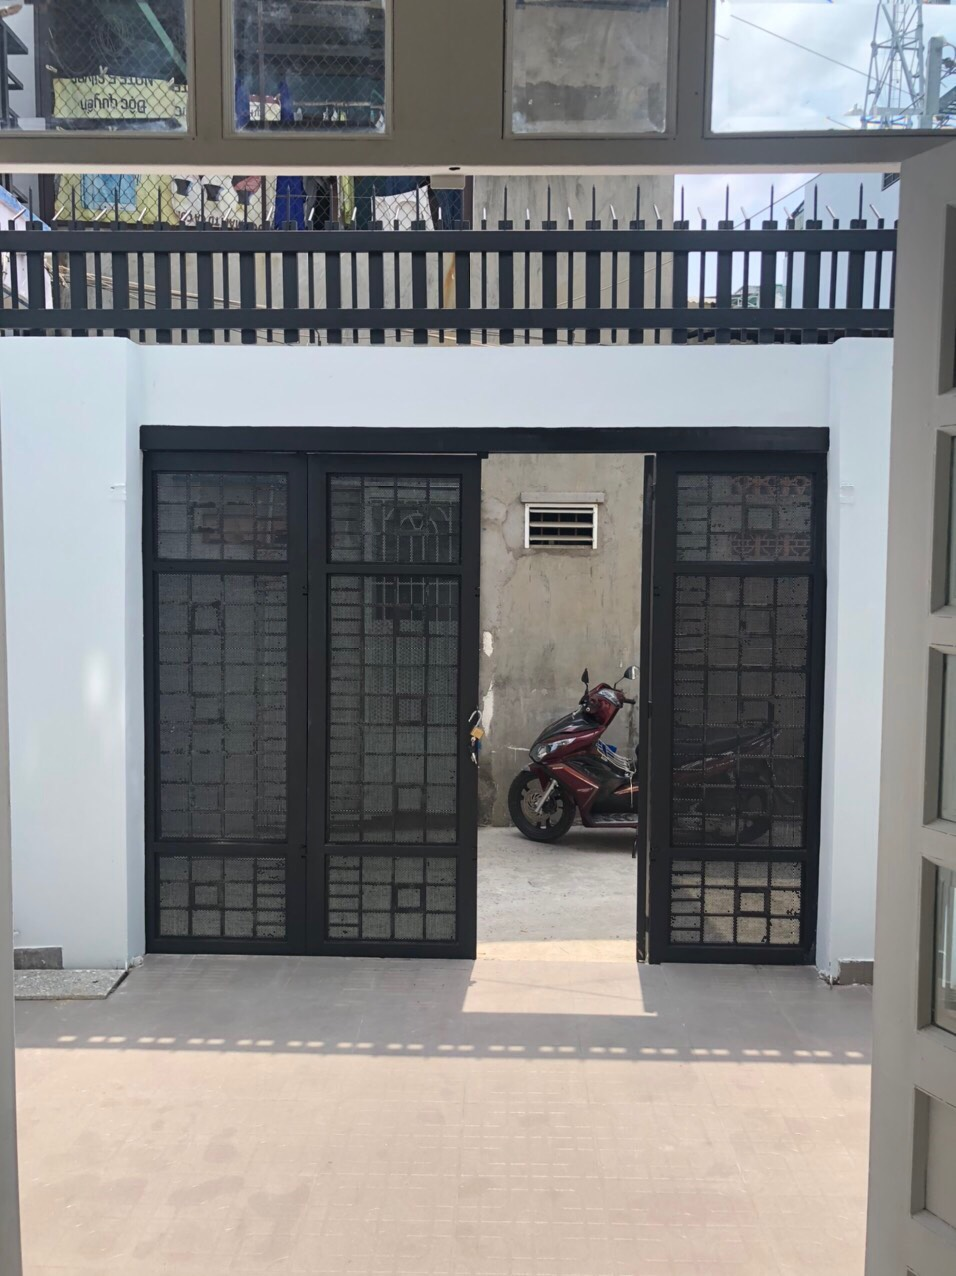 Bán nhà hẻm xe hơi 141 Tám Danh phường 4 Quận 8 gần chợ Phạm Thế Hiển